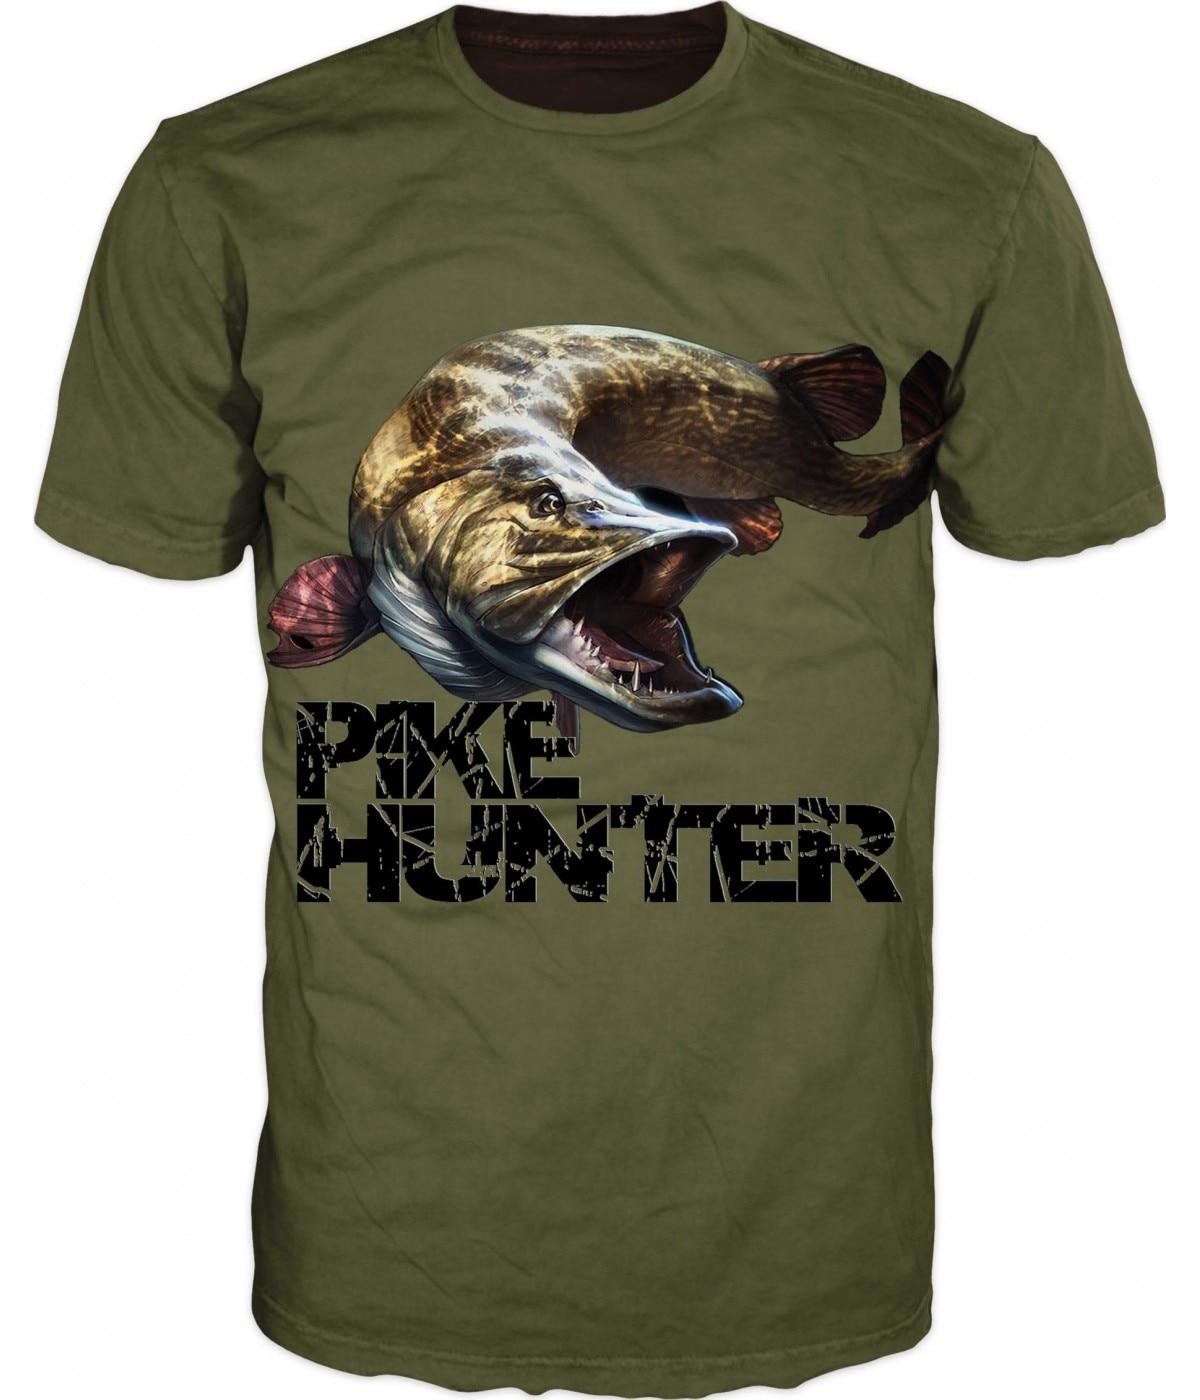 2018 Unique Camouflage Carp Hunter Fish 3D   T     Shirt   Oversized Hip Hop Crewneck Fashion Printed   T     Shirt